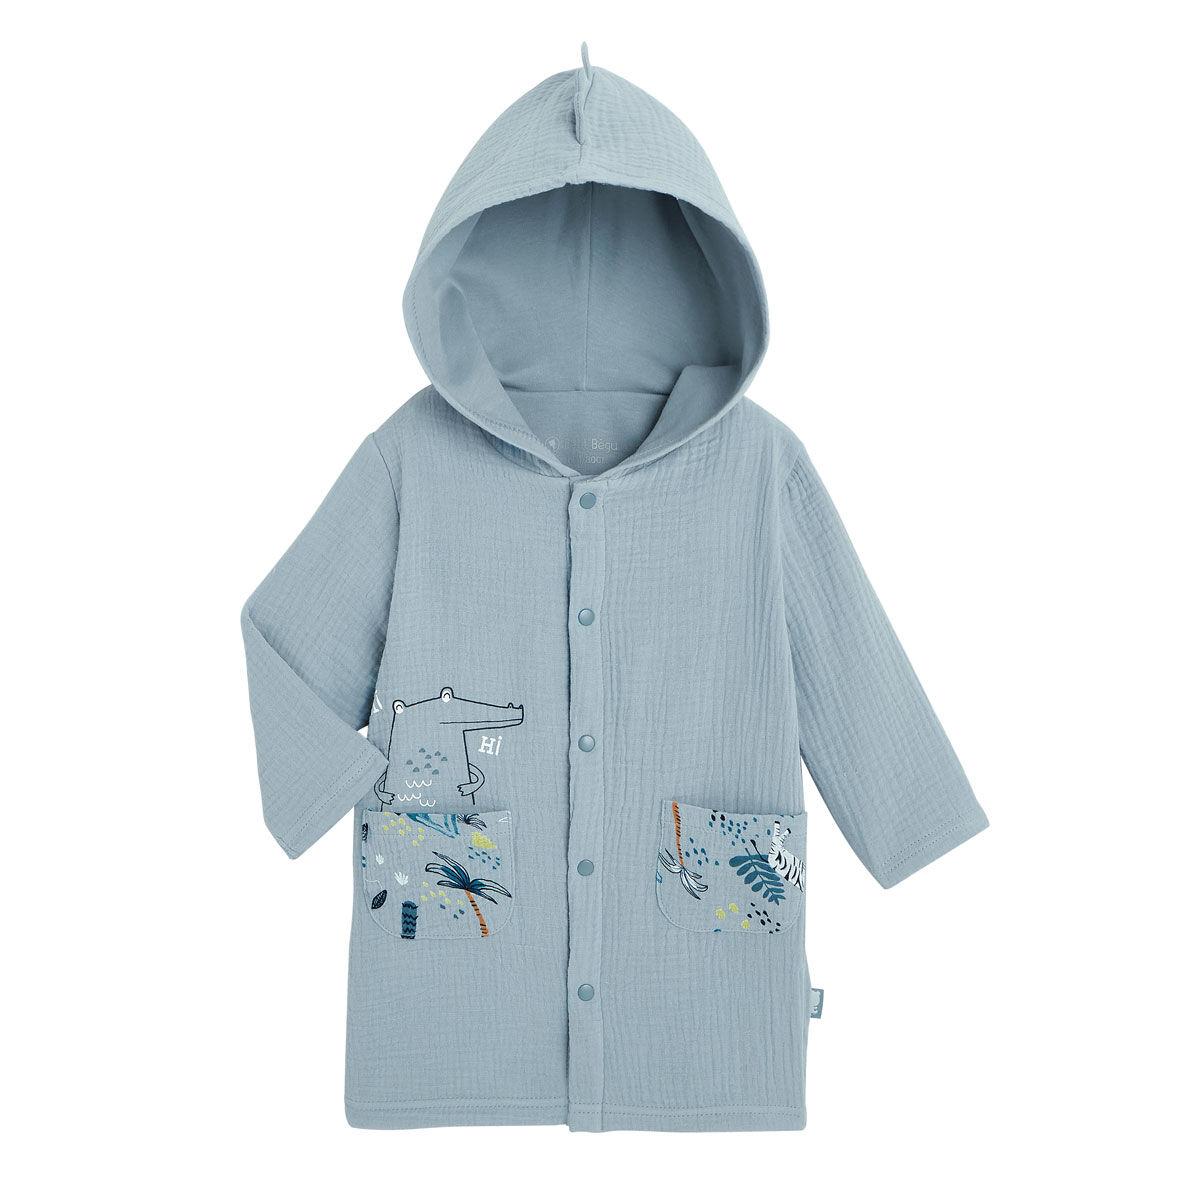 Petit Béguin Robe de chambre doublée bébé garçon Croco Jungle - Taille - 12 mois